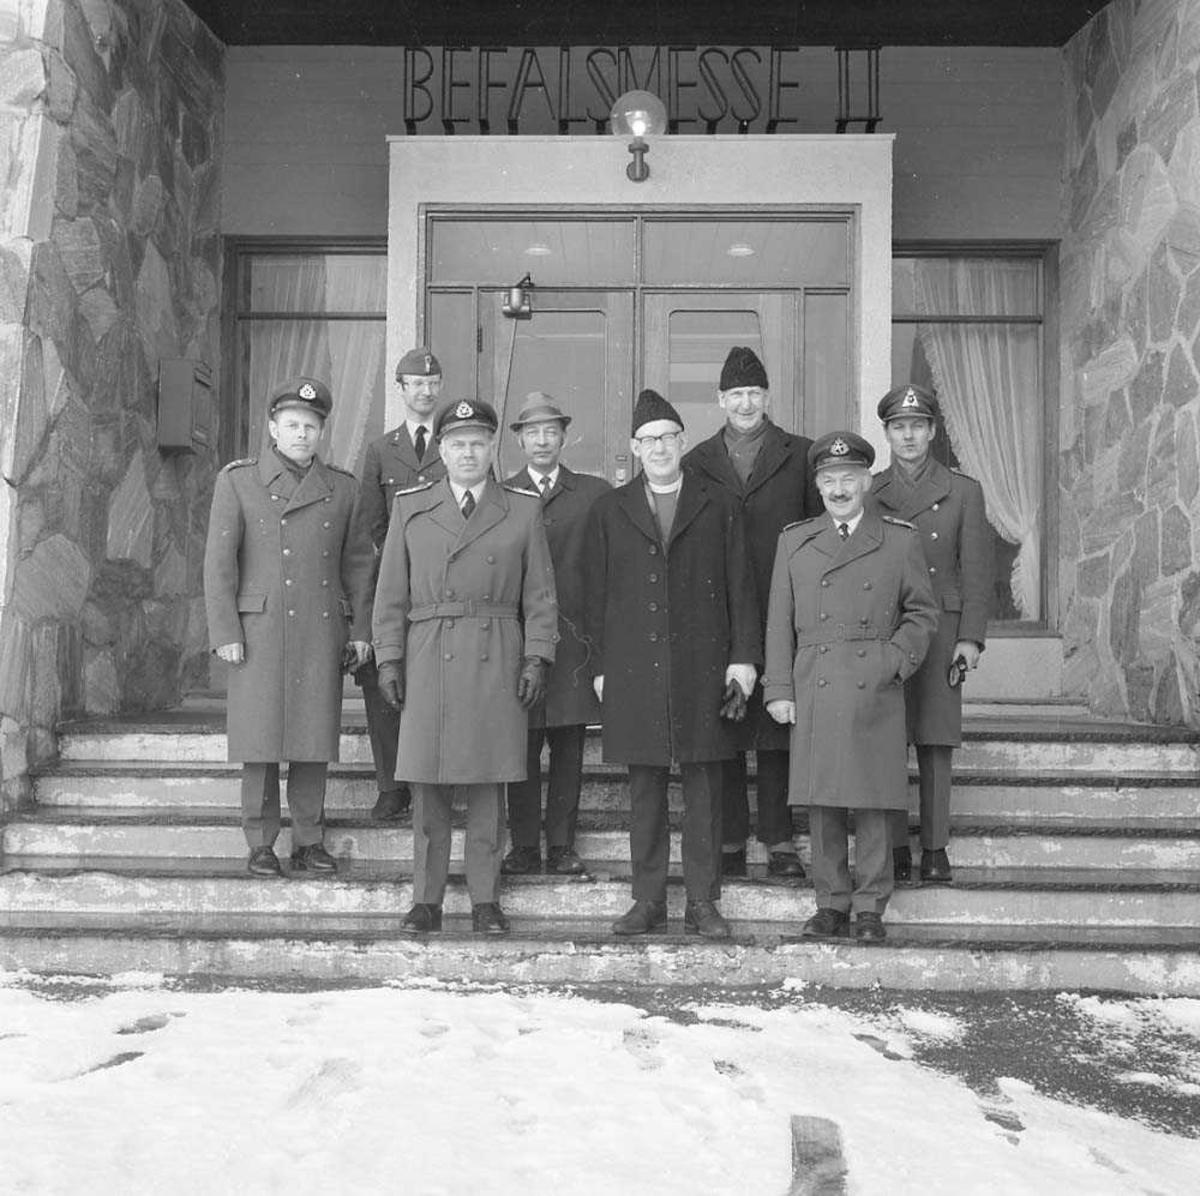 Biskop Weider besøker Bodø flystasjon. Han sees i første rekke som nr. 2 fra høyre. Nr. 3 fra høyre er Oberst H. Wergeland, Stasjonssjef, Bodø flystasjon. Bak, midt i mellom de ovennevnte personene, sees Rostrup. Bildet er fotografert utenfor Messe II på stasjonen.